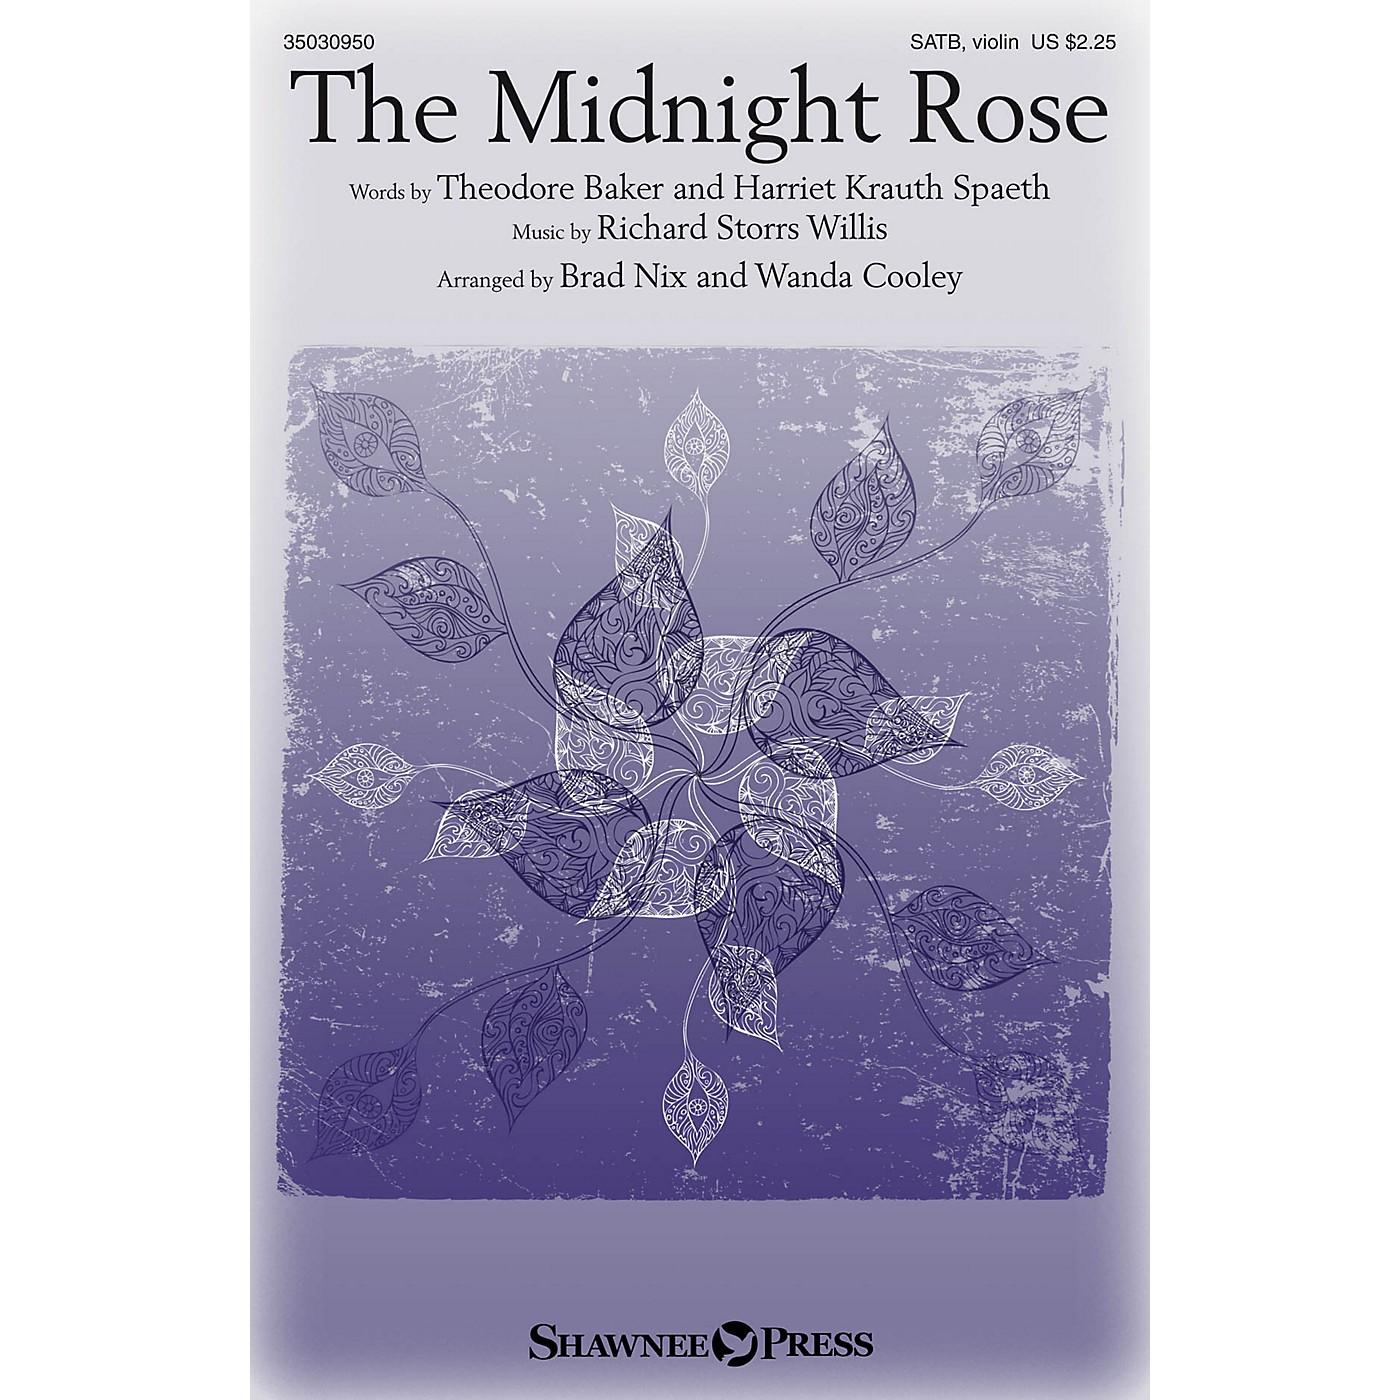 Shawnee Press The Midnight Rose SATB W/ VIOLIN arranged by Brad Nix thumbnail